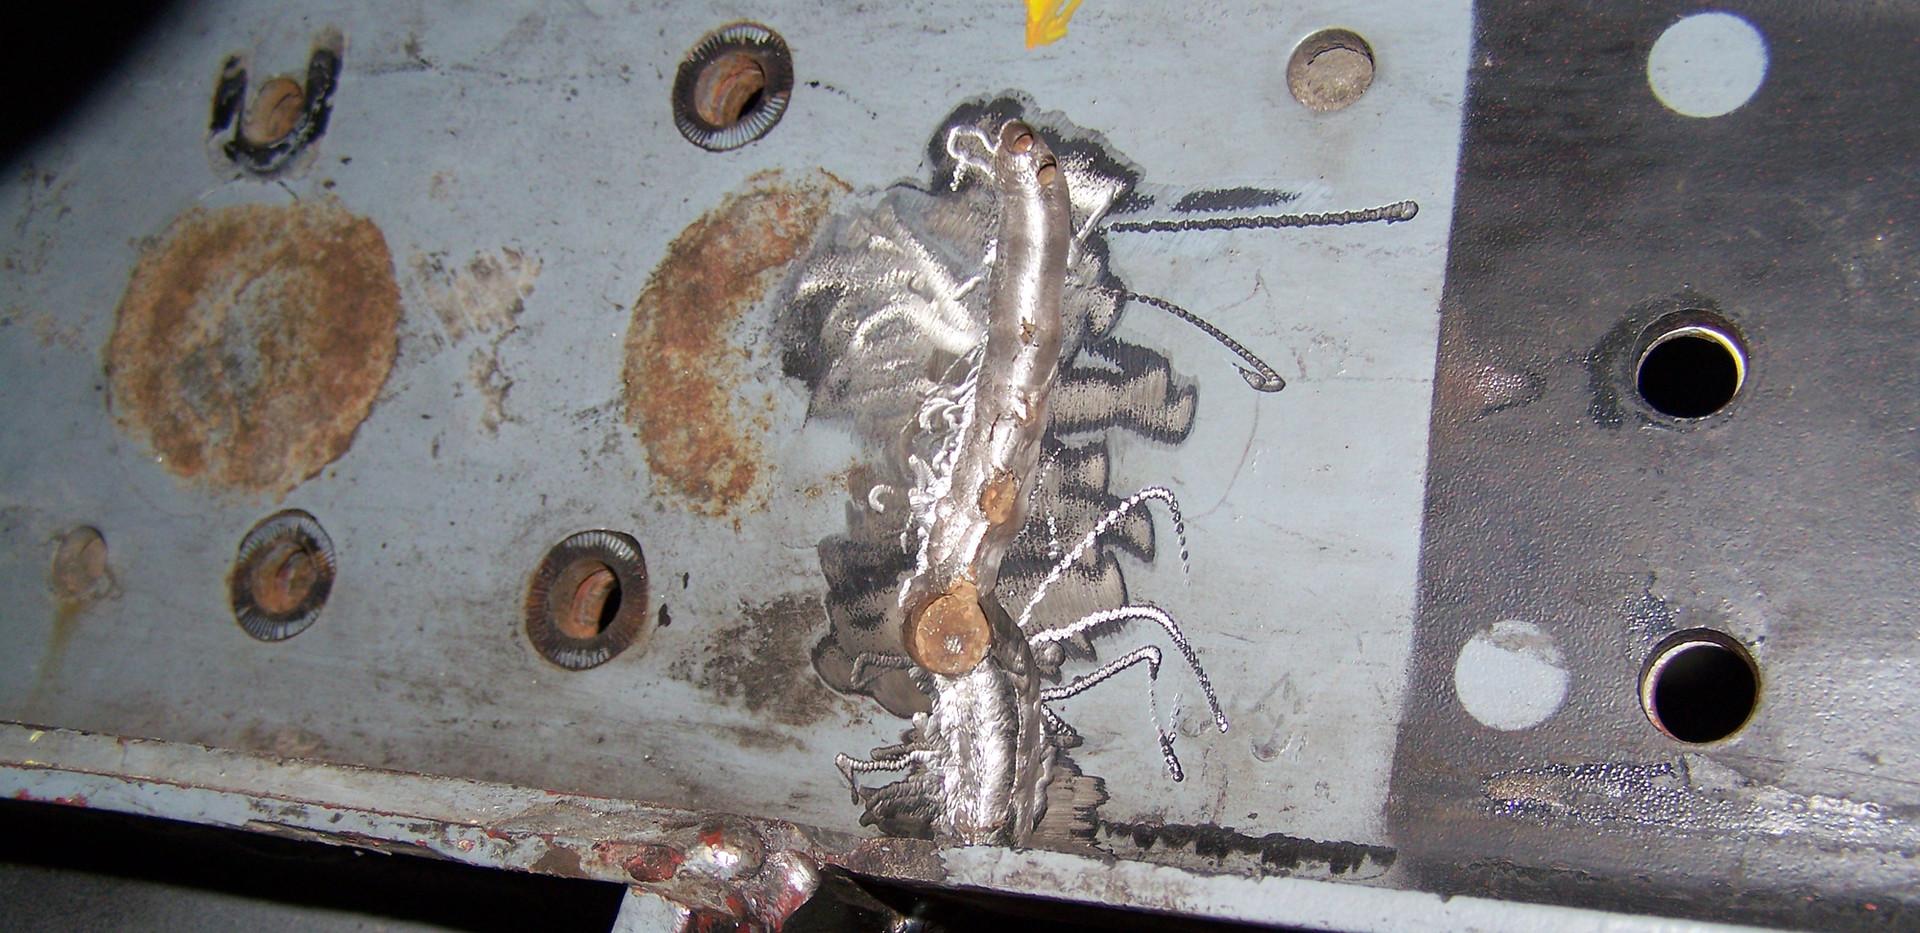 Chassis Repairs08.JPG